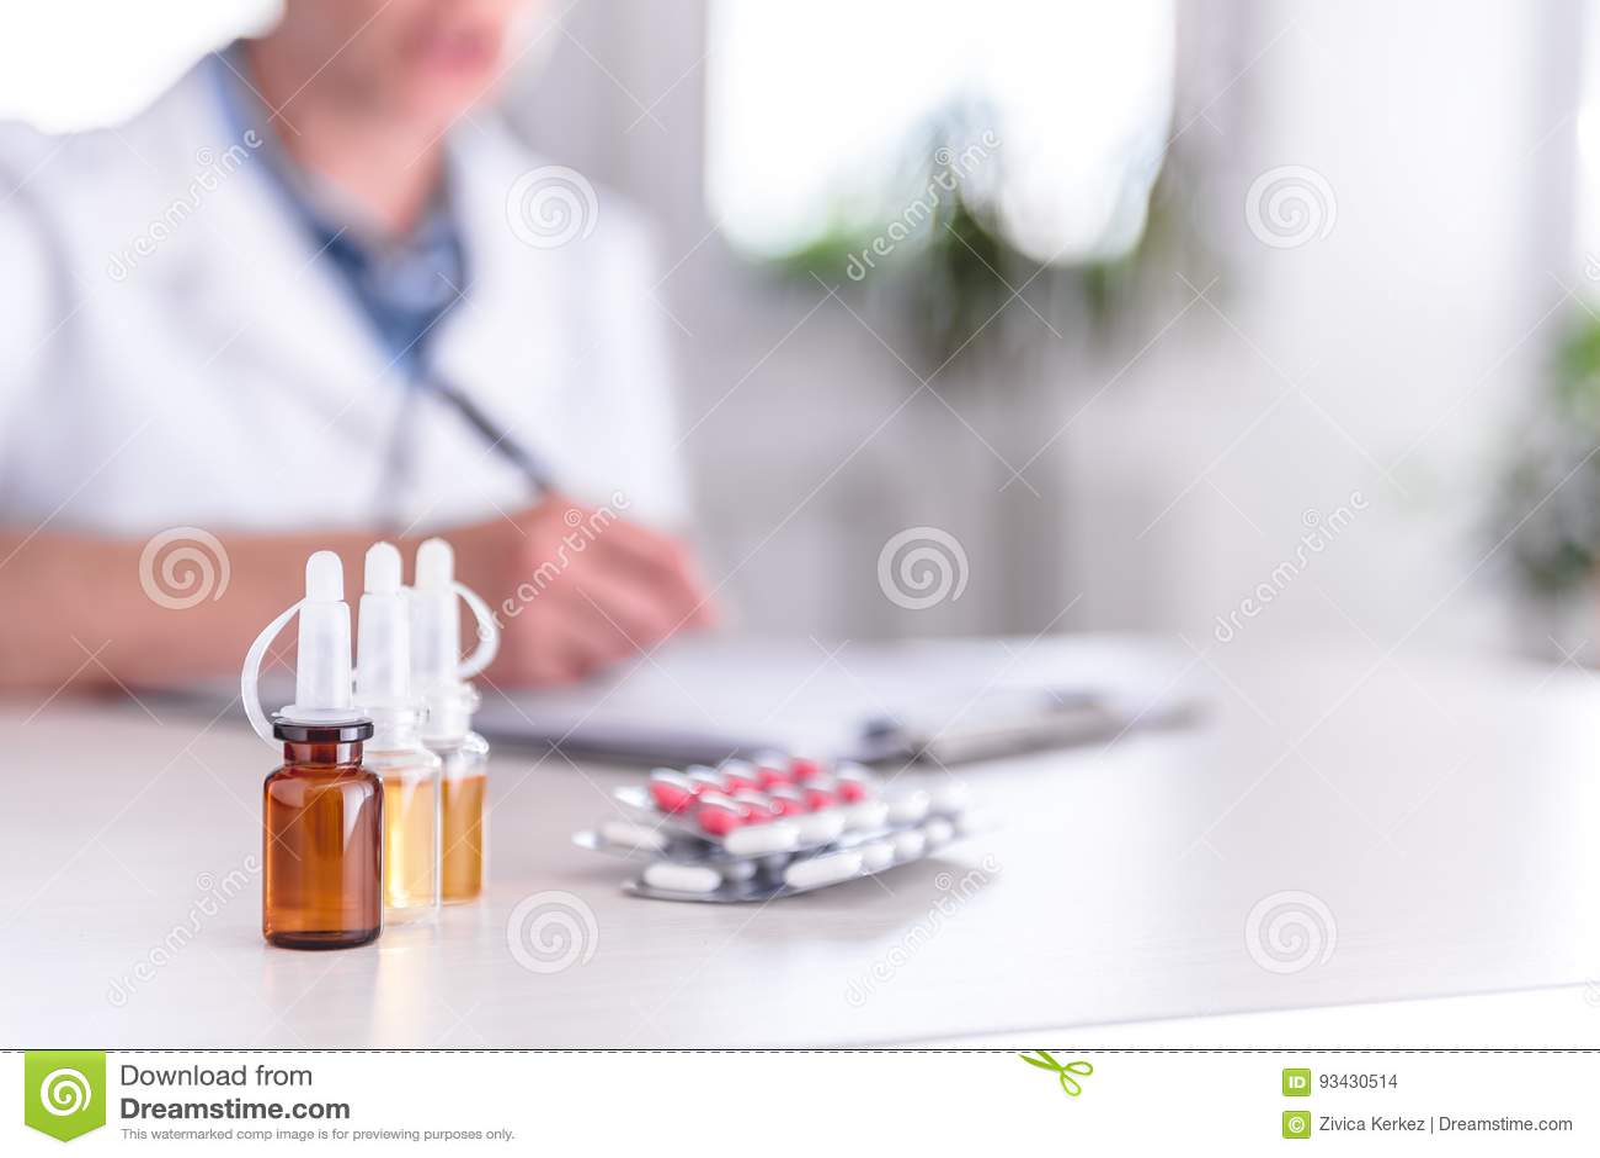 Subministros médicos na tabela